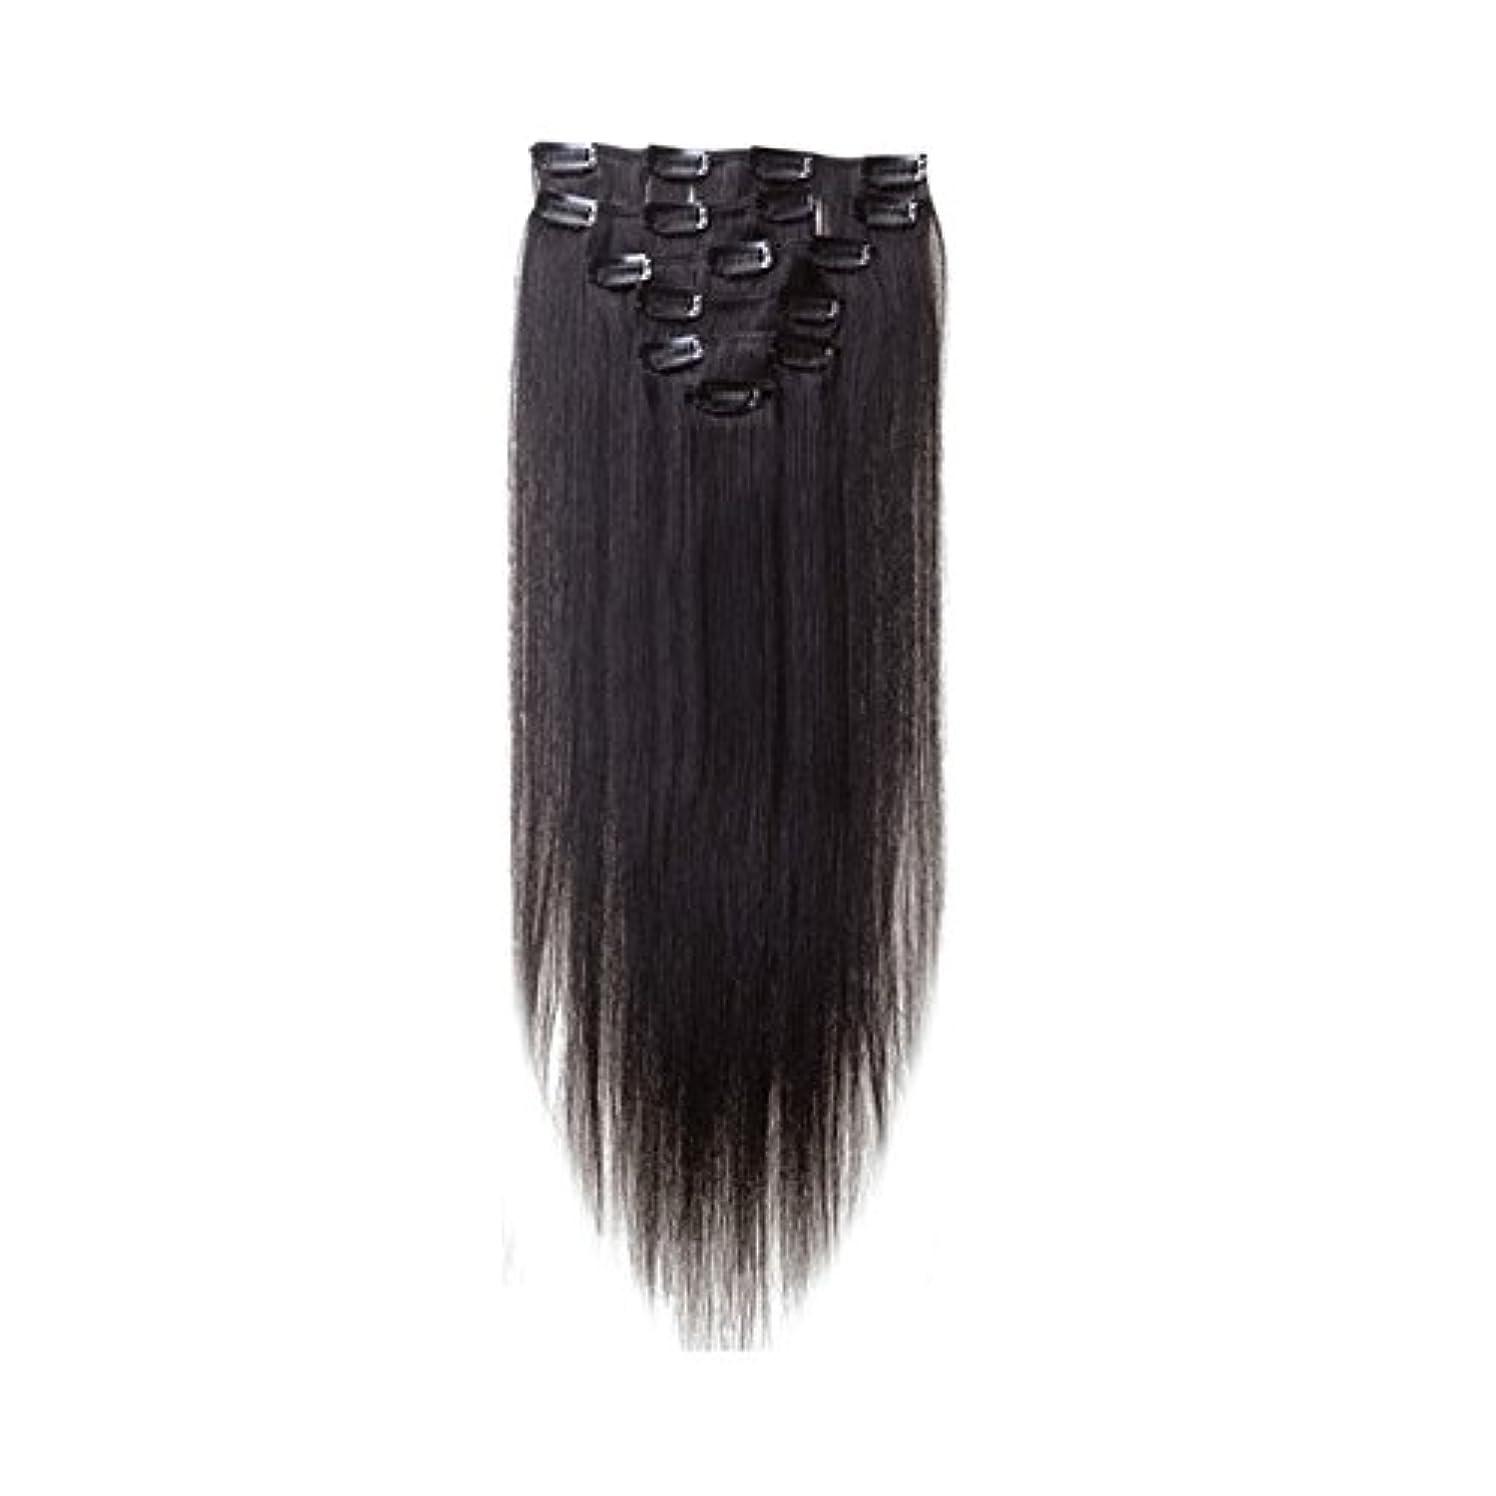 満足流行サイクルCUHAWUDBA 女性の人間の髪 クリップインヘアエクステンション 7件 70g 15インチ ナチュラルブラック